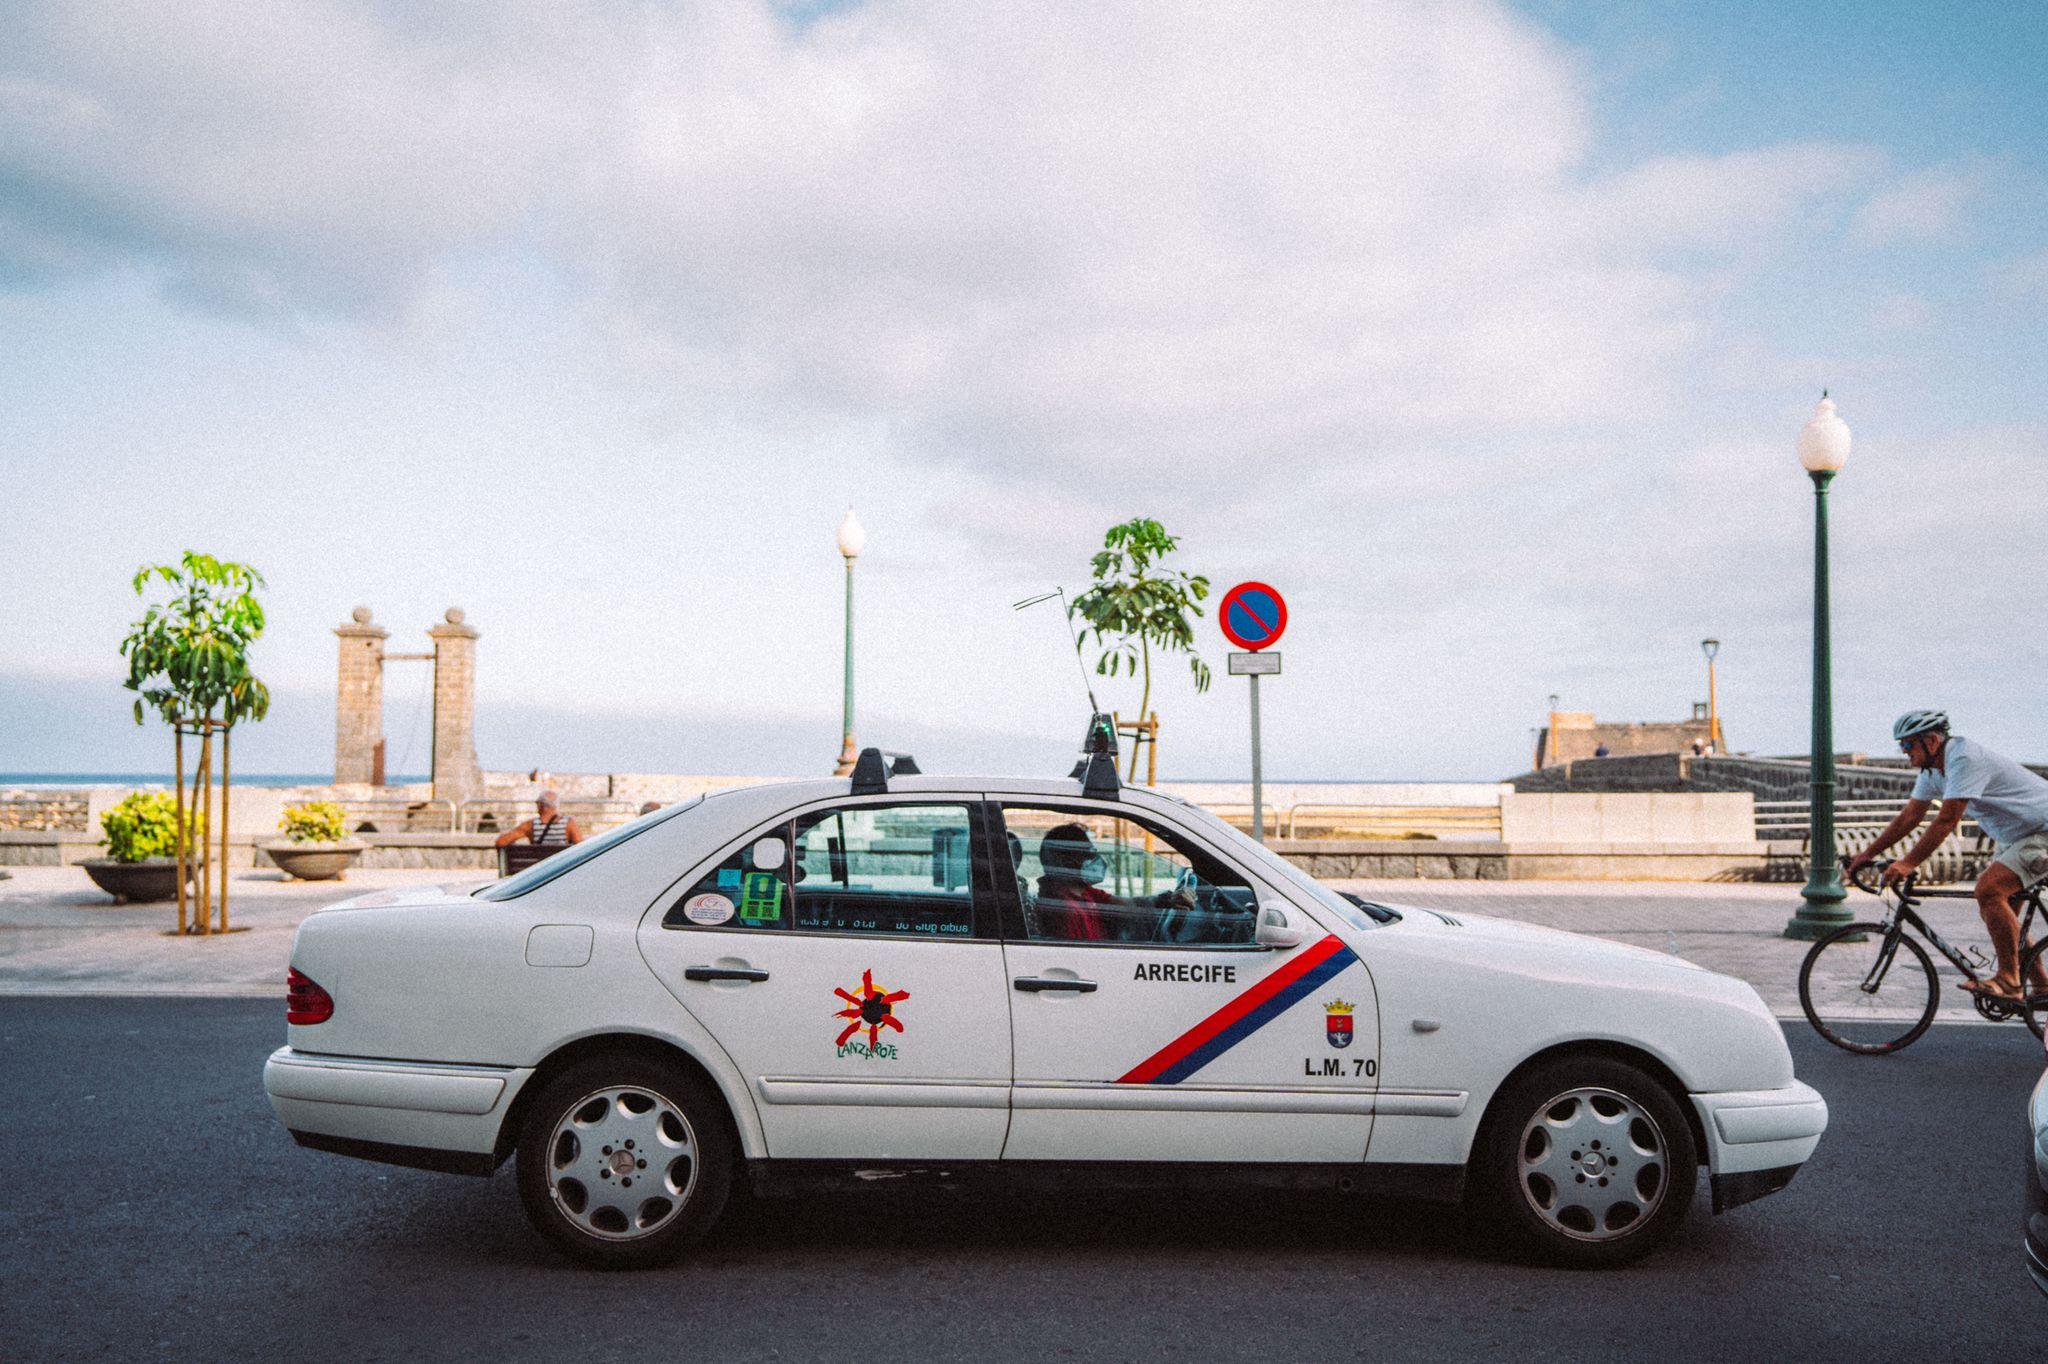 Aprobadas las bases para obtener el permiso de conducción de taxis en Arrecife